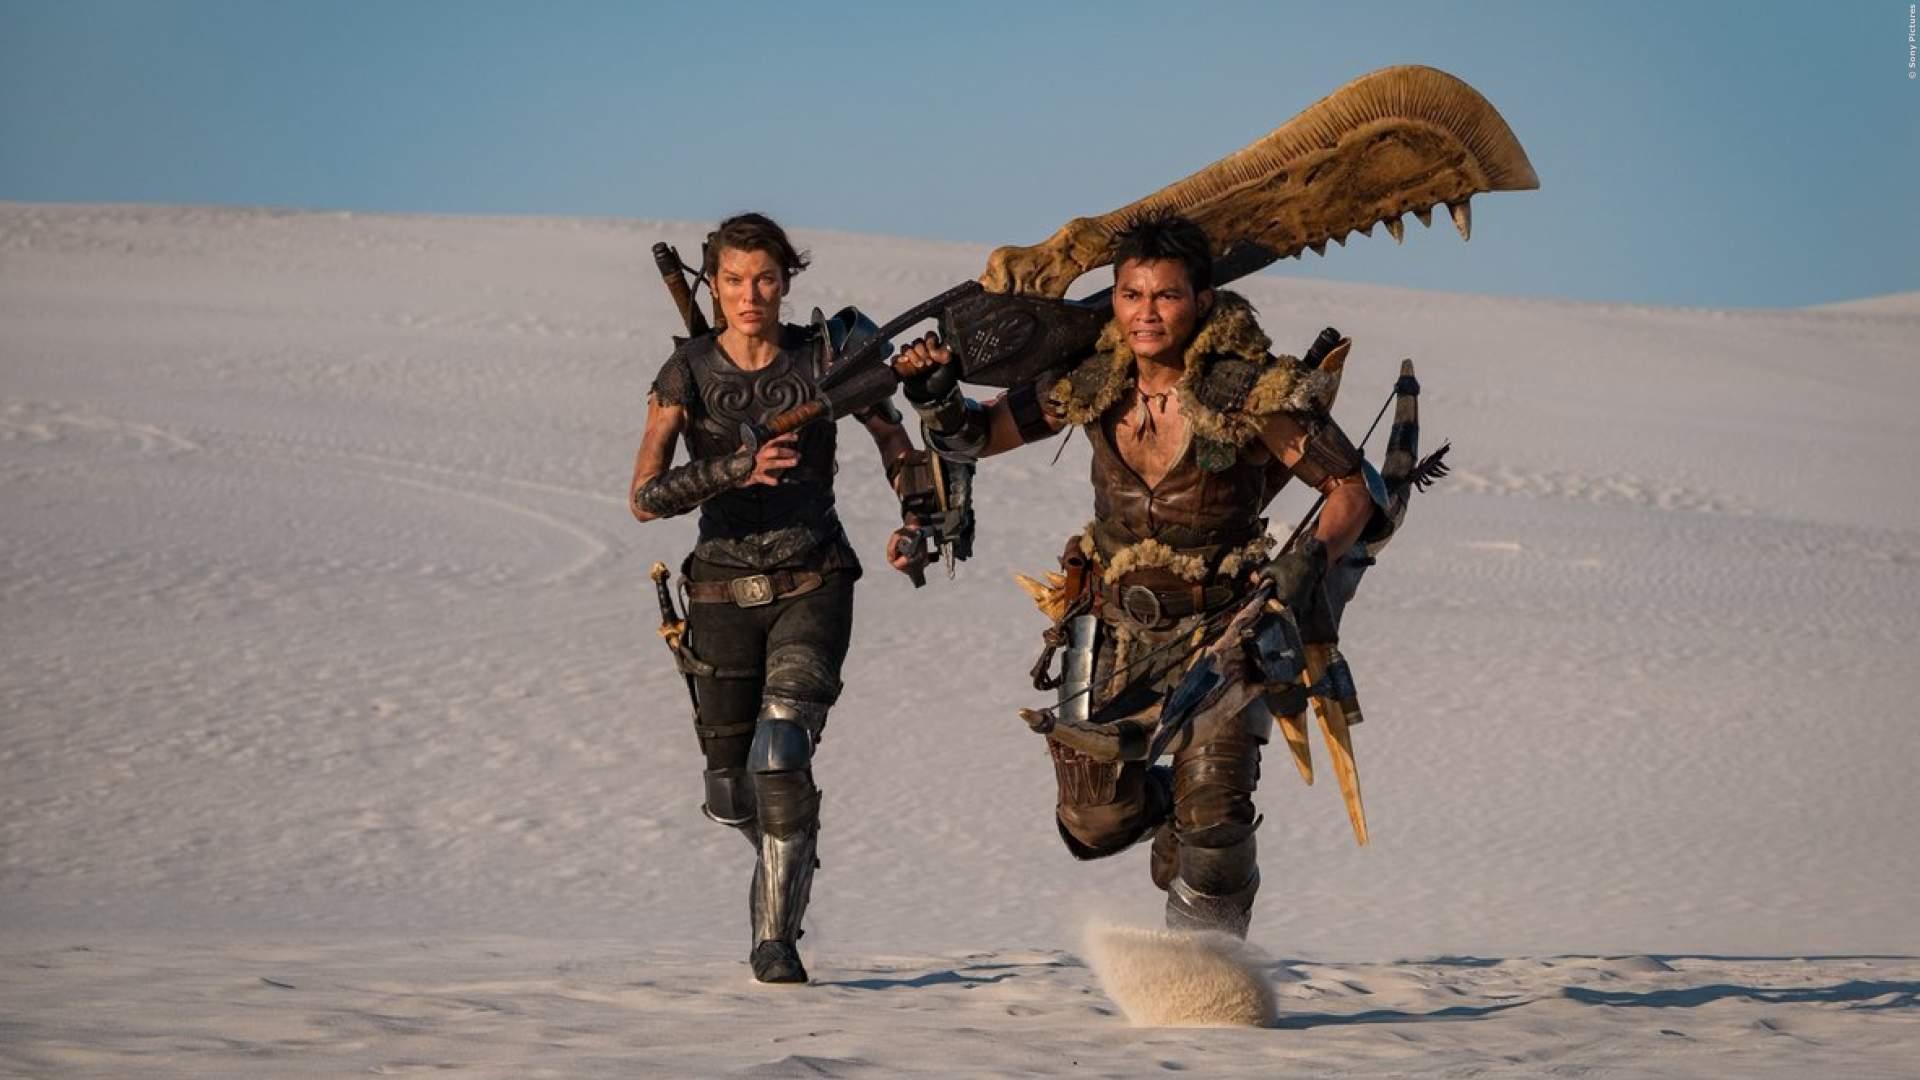 Monster Hunter Film: Erstes Bild mit Milla Jovovich - Bild 1 von 1